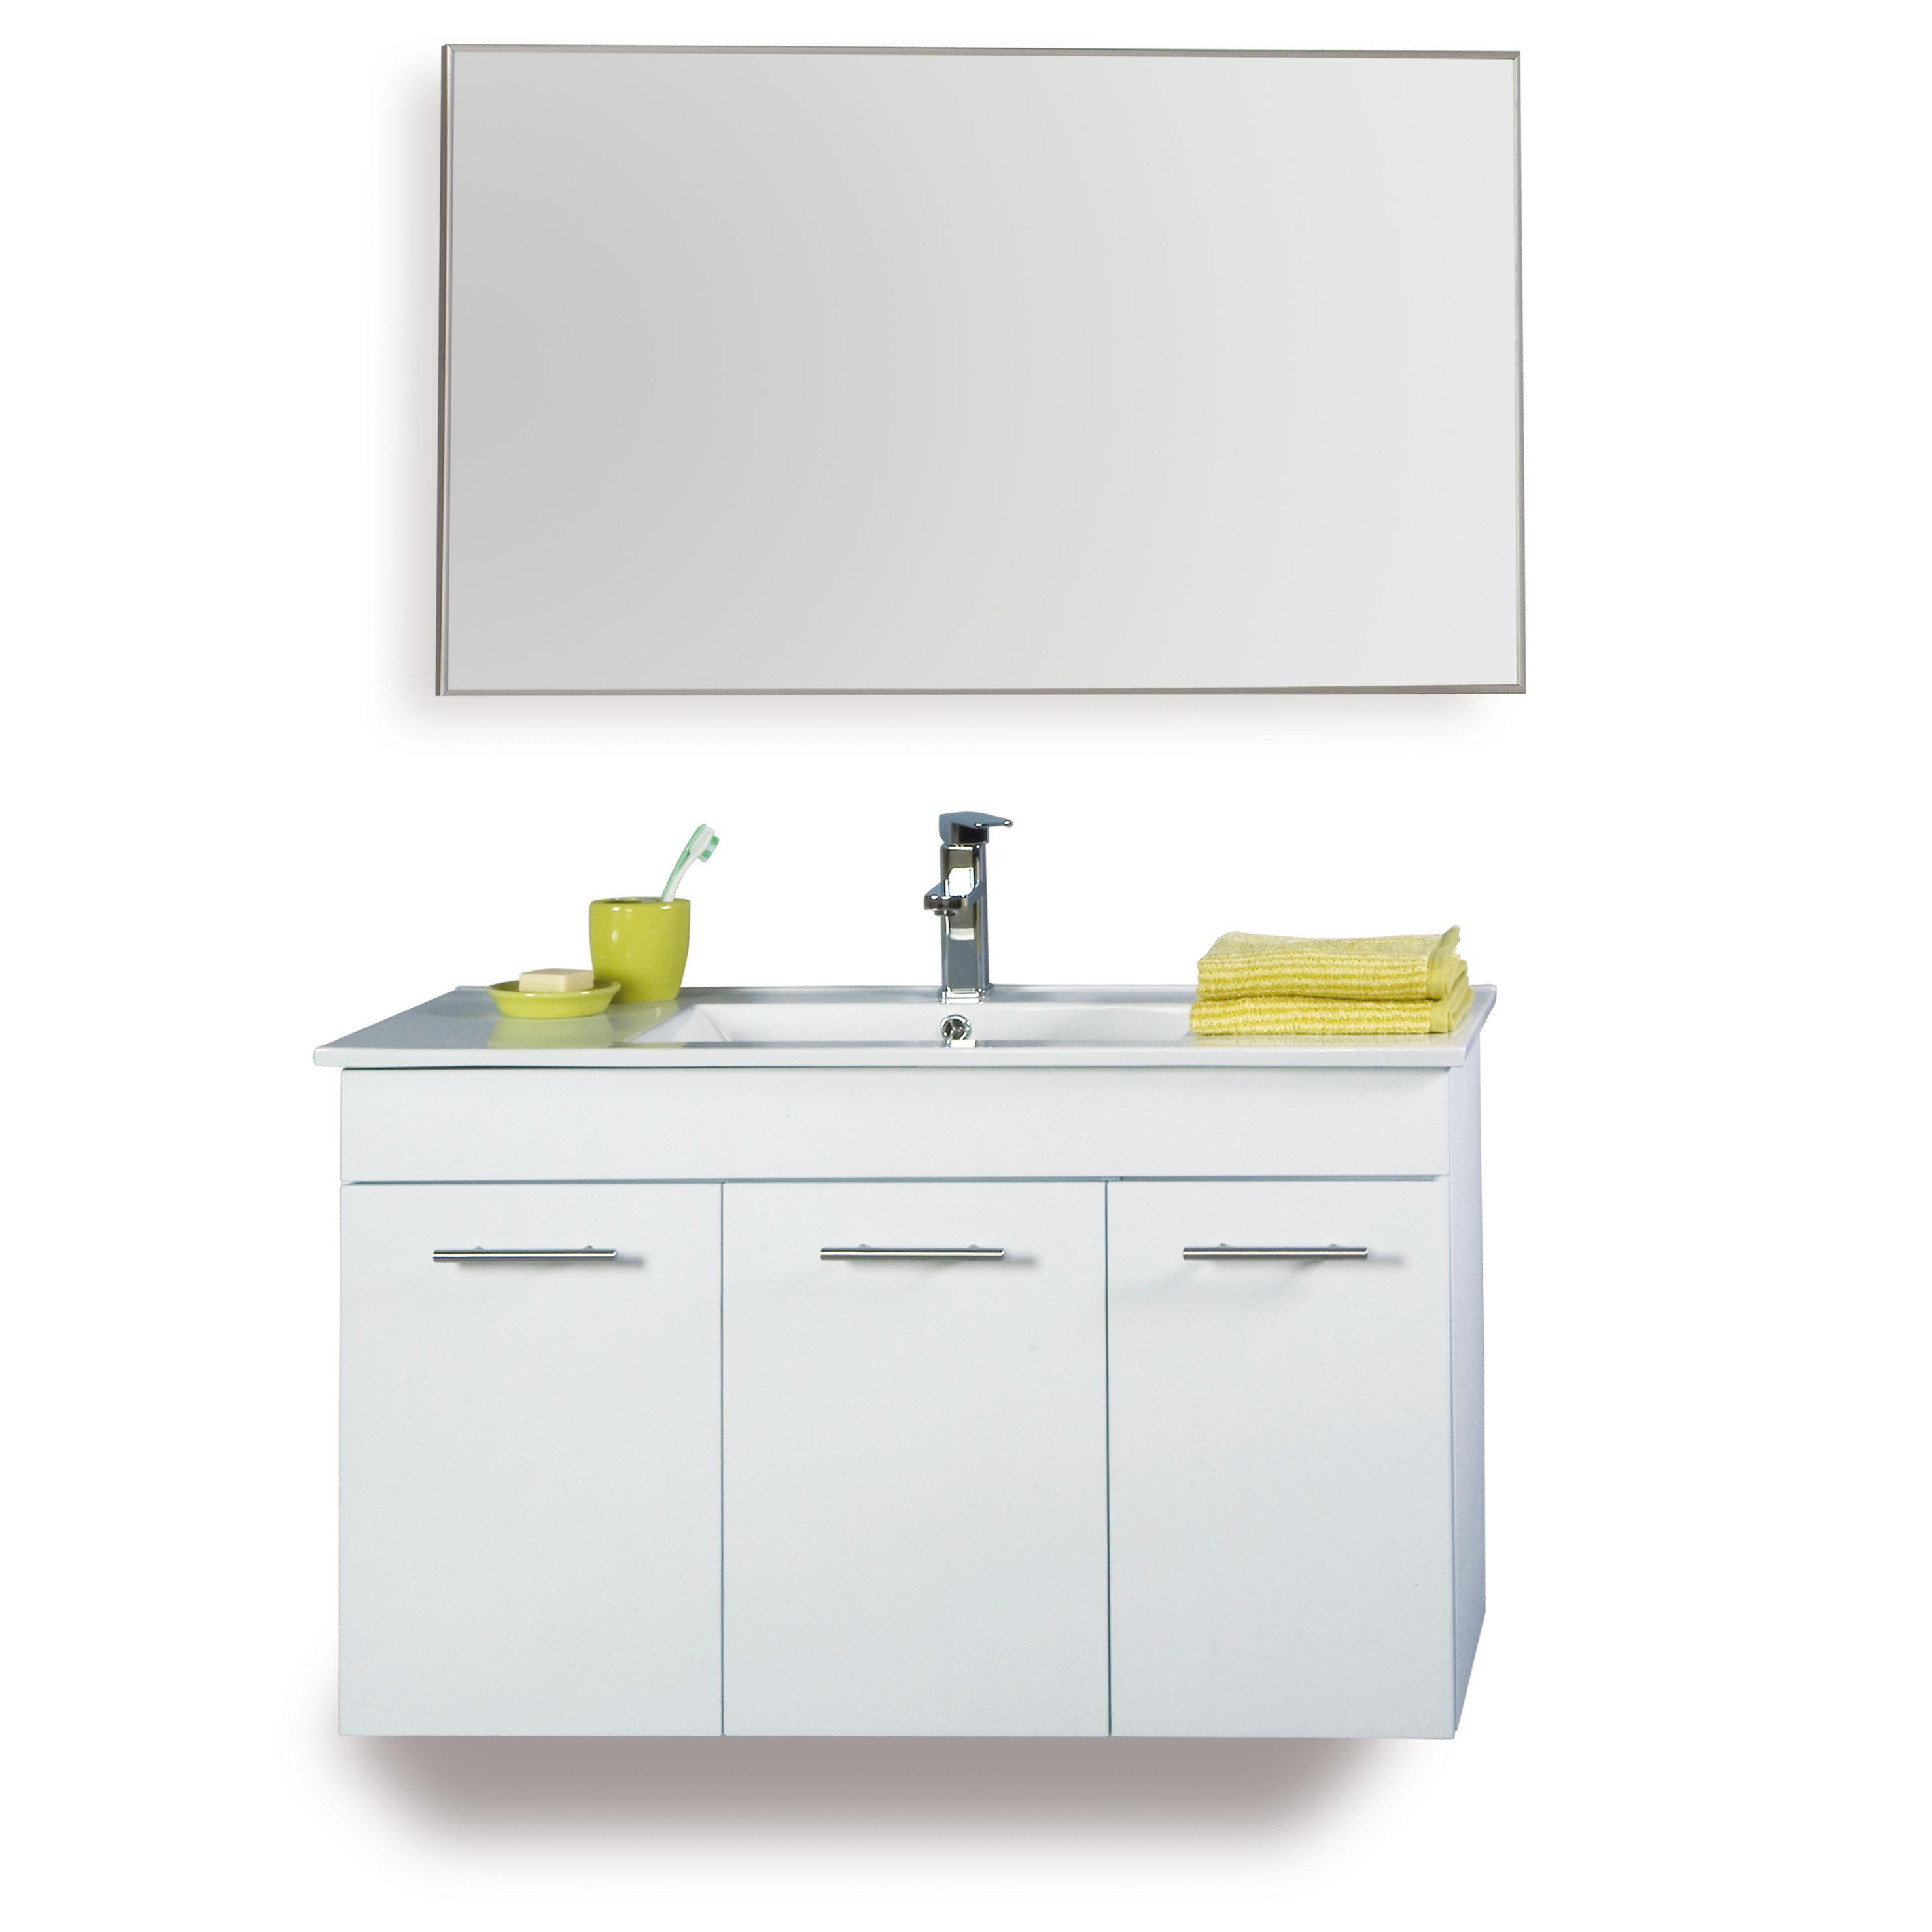 """ארון אמבטיה 60 ס""""מ + כיור + מראה תלוי באוויר במגוון צבעים"""